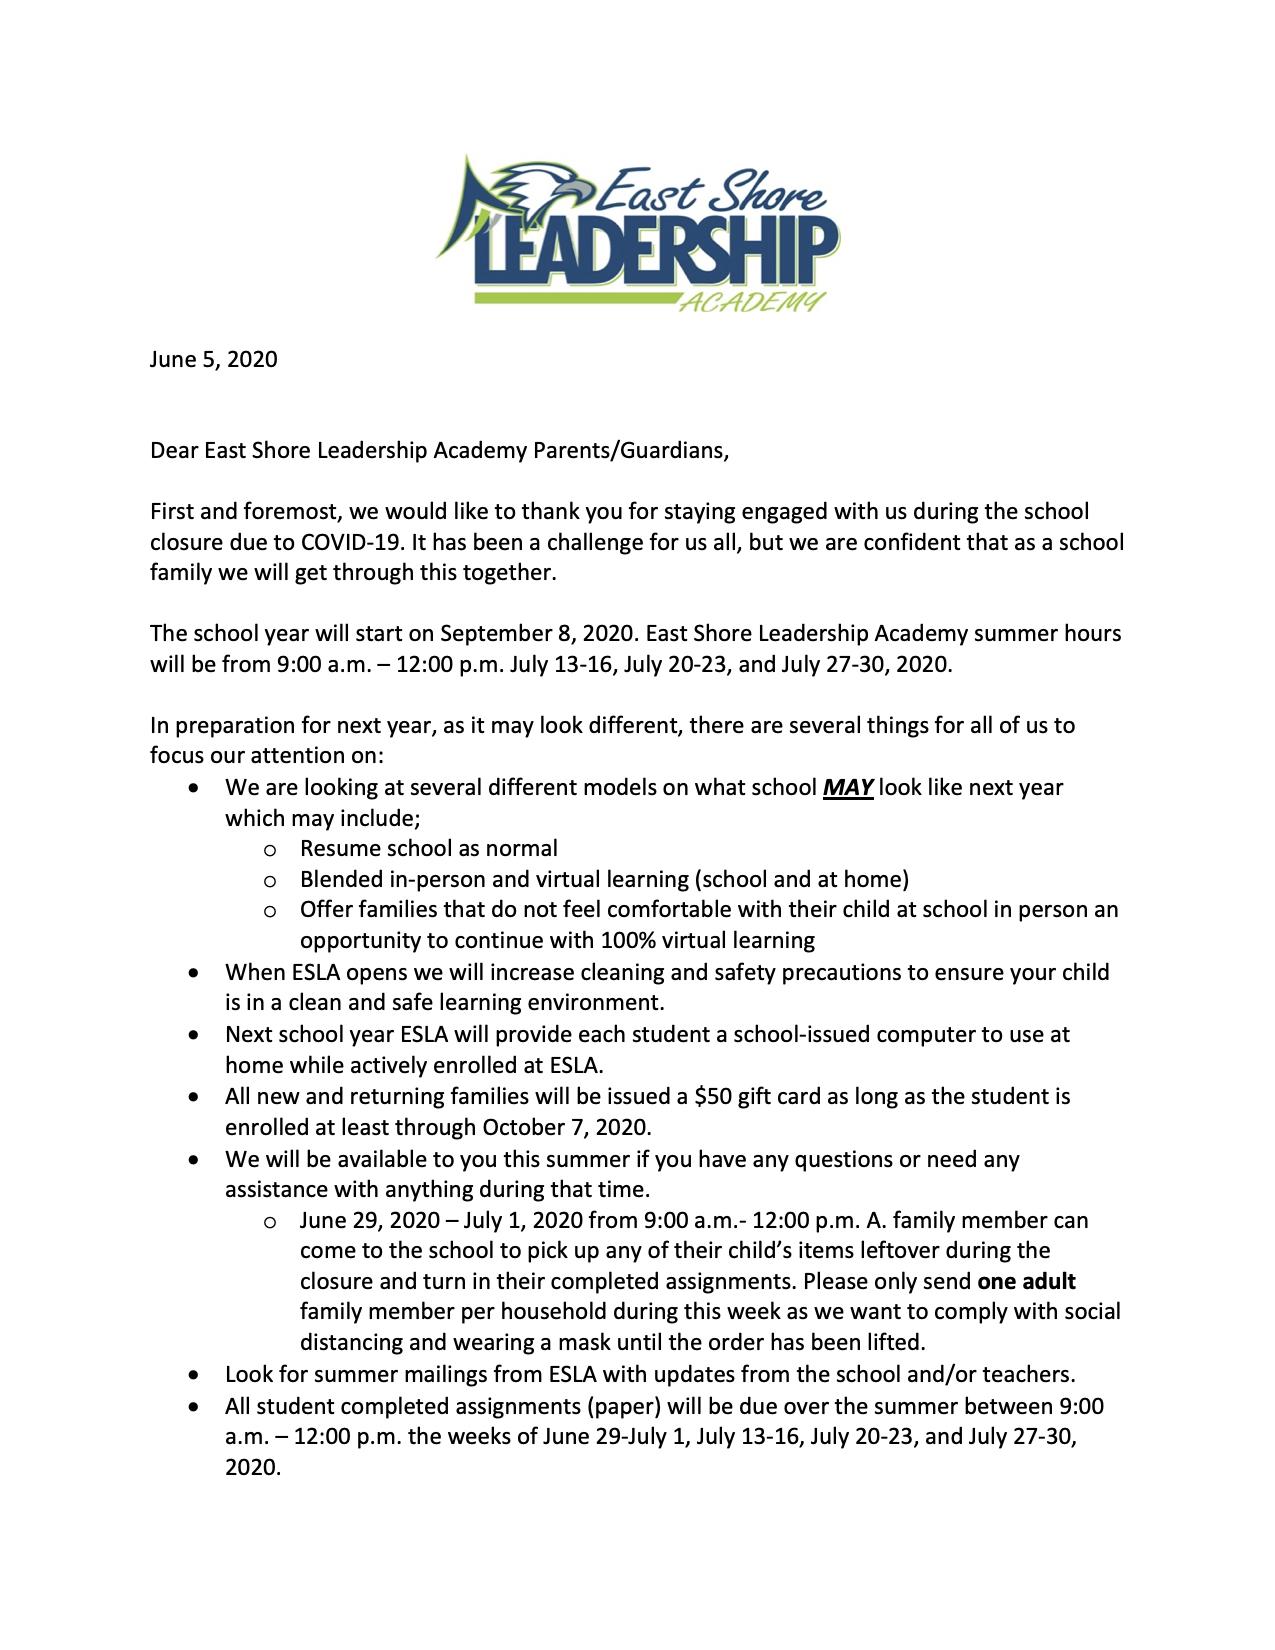 Parent Letter - June 5, 2020